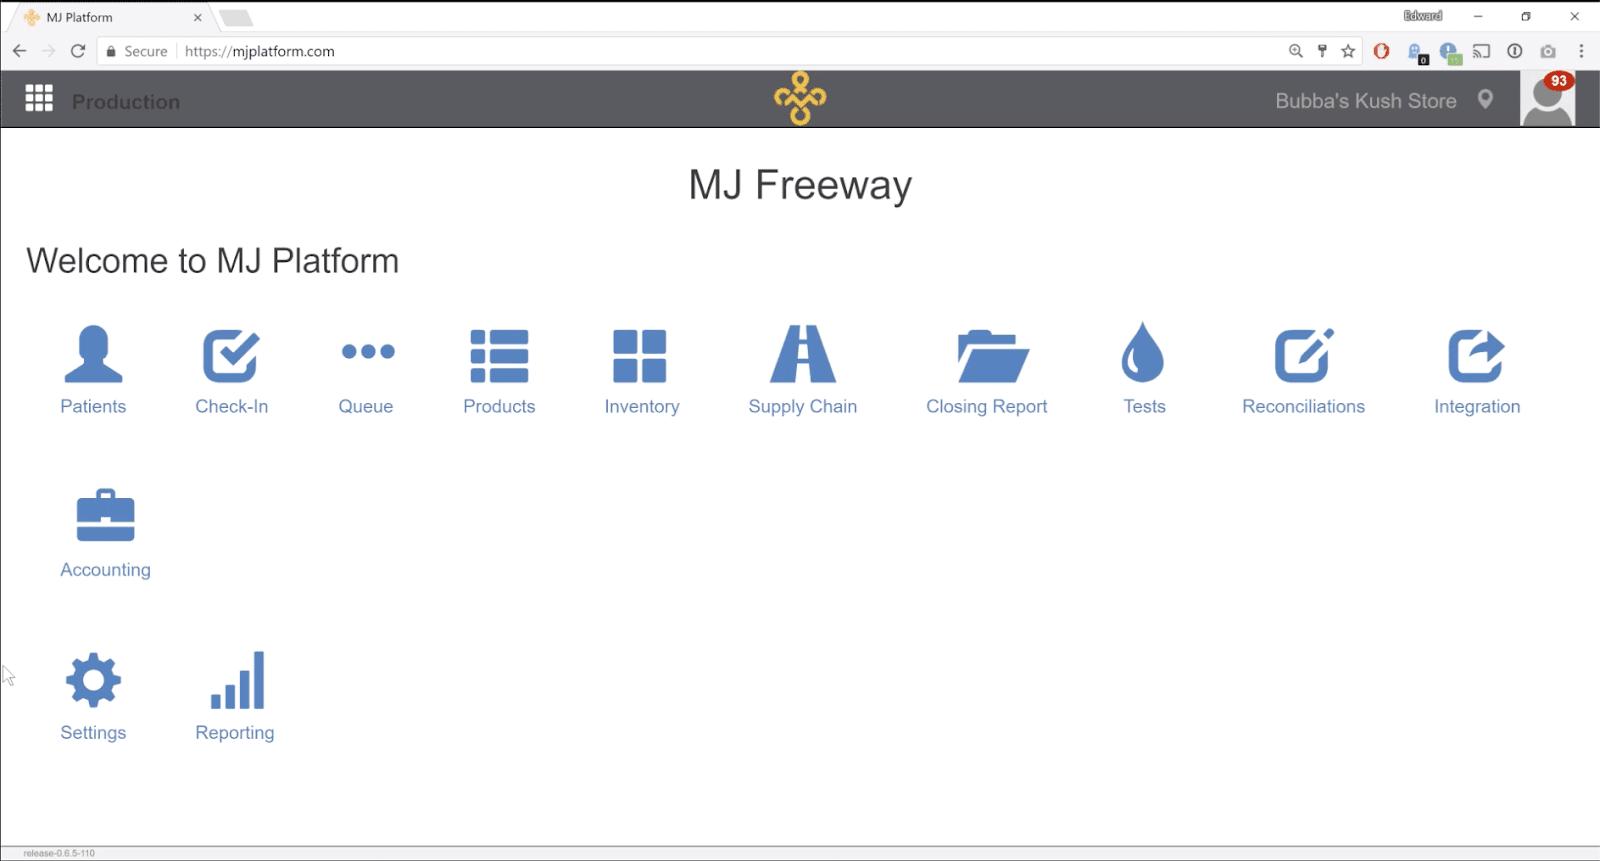 MJ Freeway Product Image